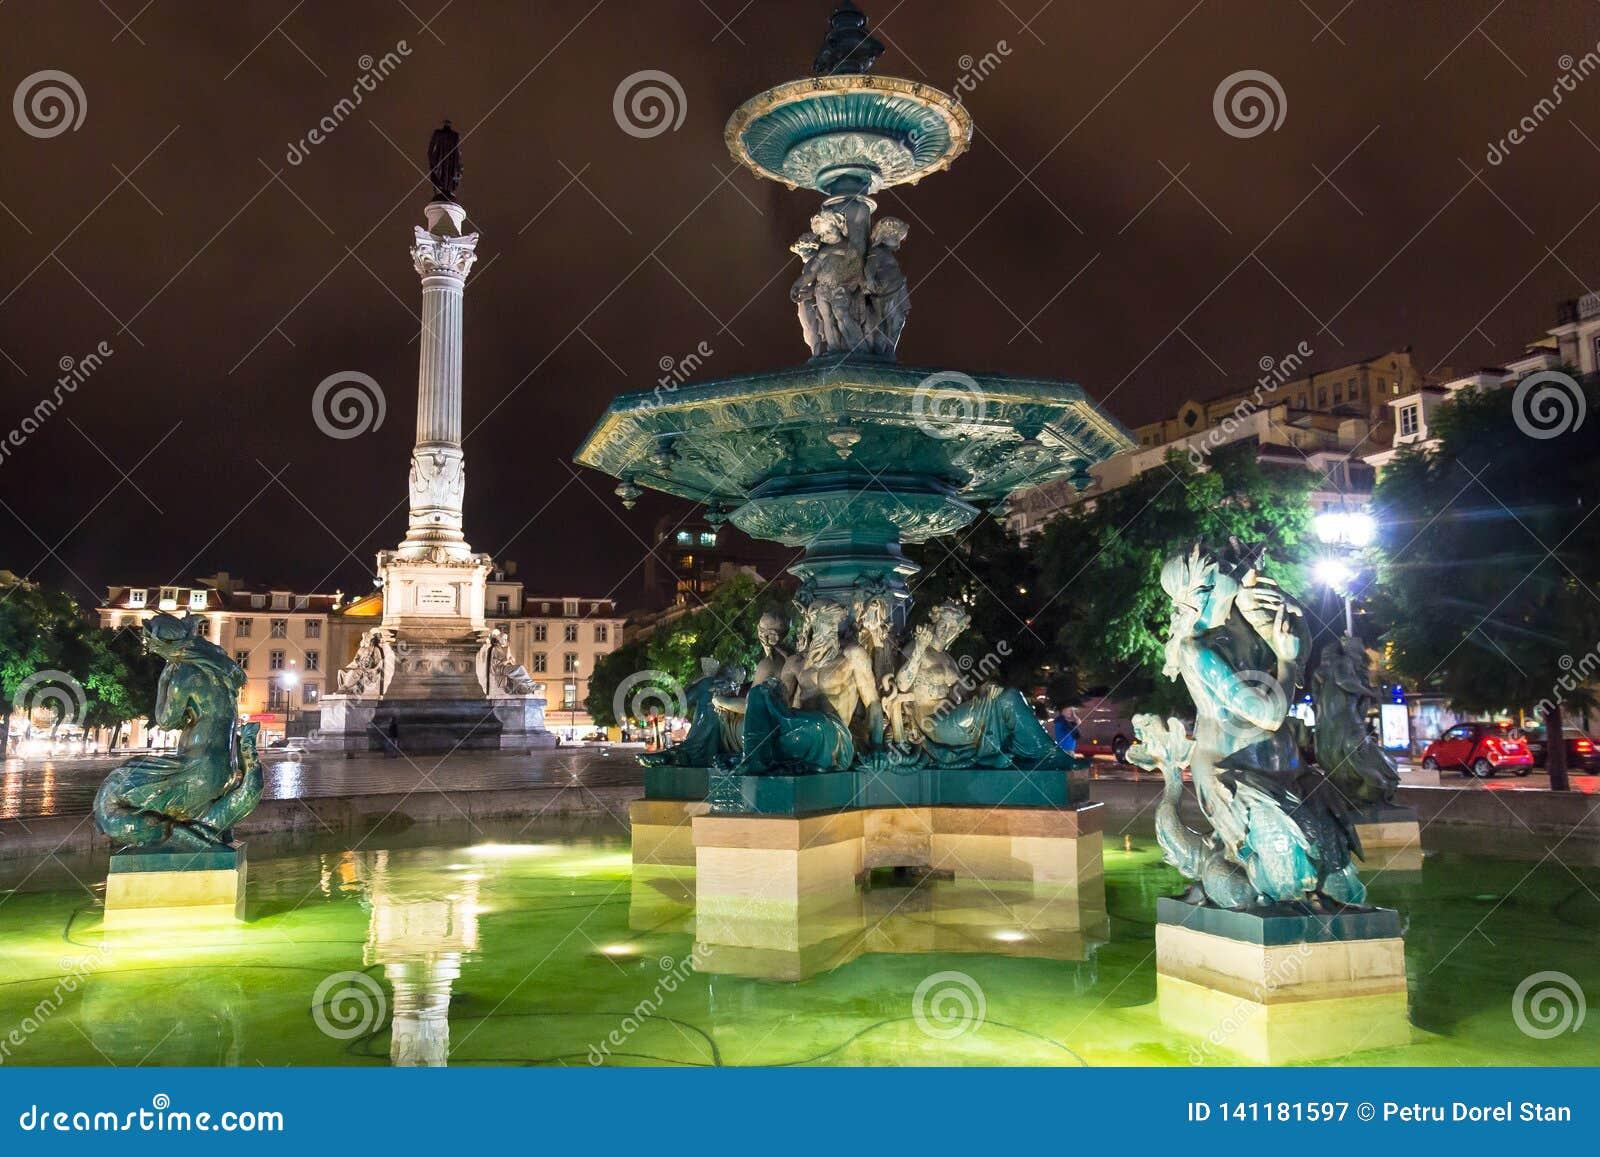 Nachtscène van Rossio-Vierkant, Lissabon, Portugal met één van zijn decoratieve fonteinen en de Kolom van Pedro IV